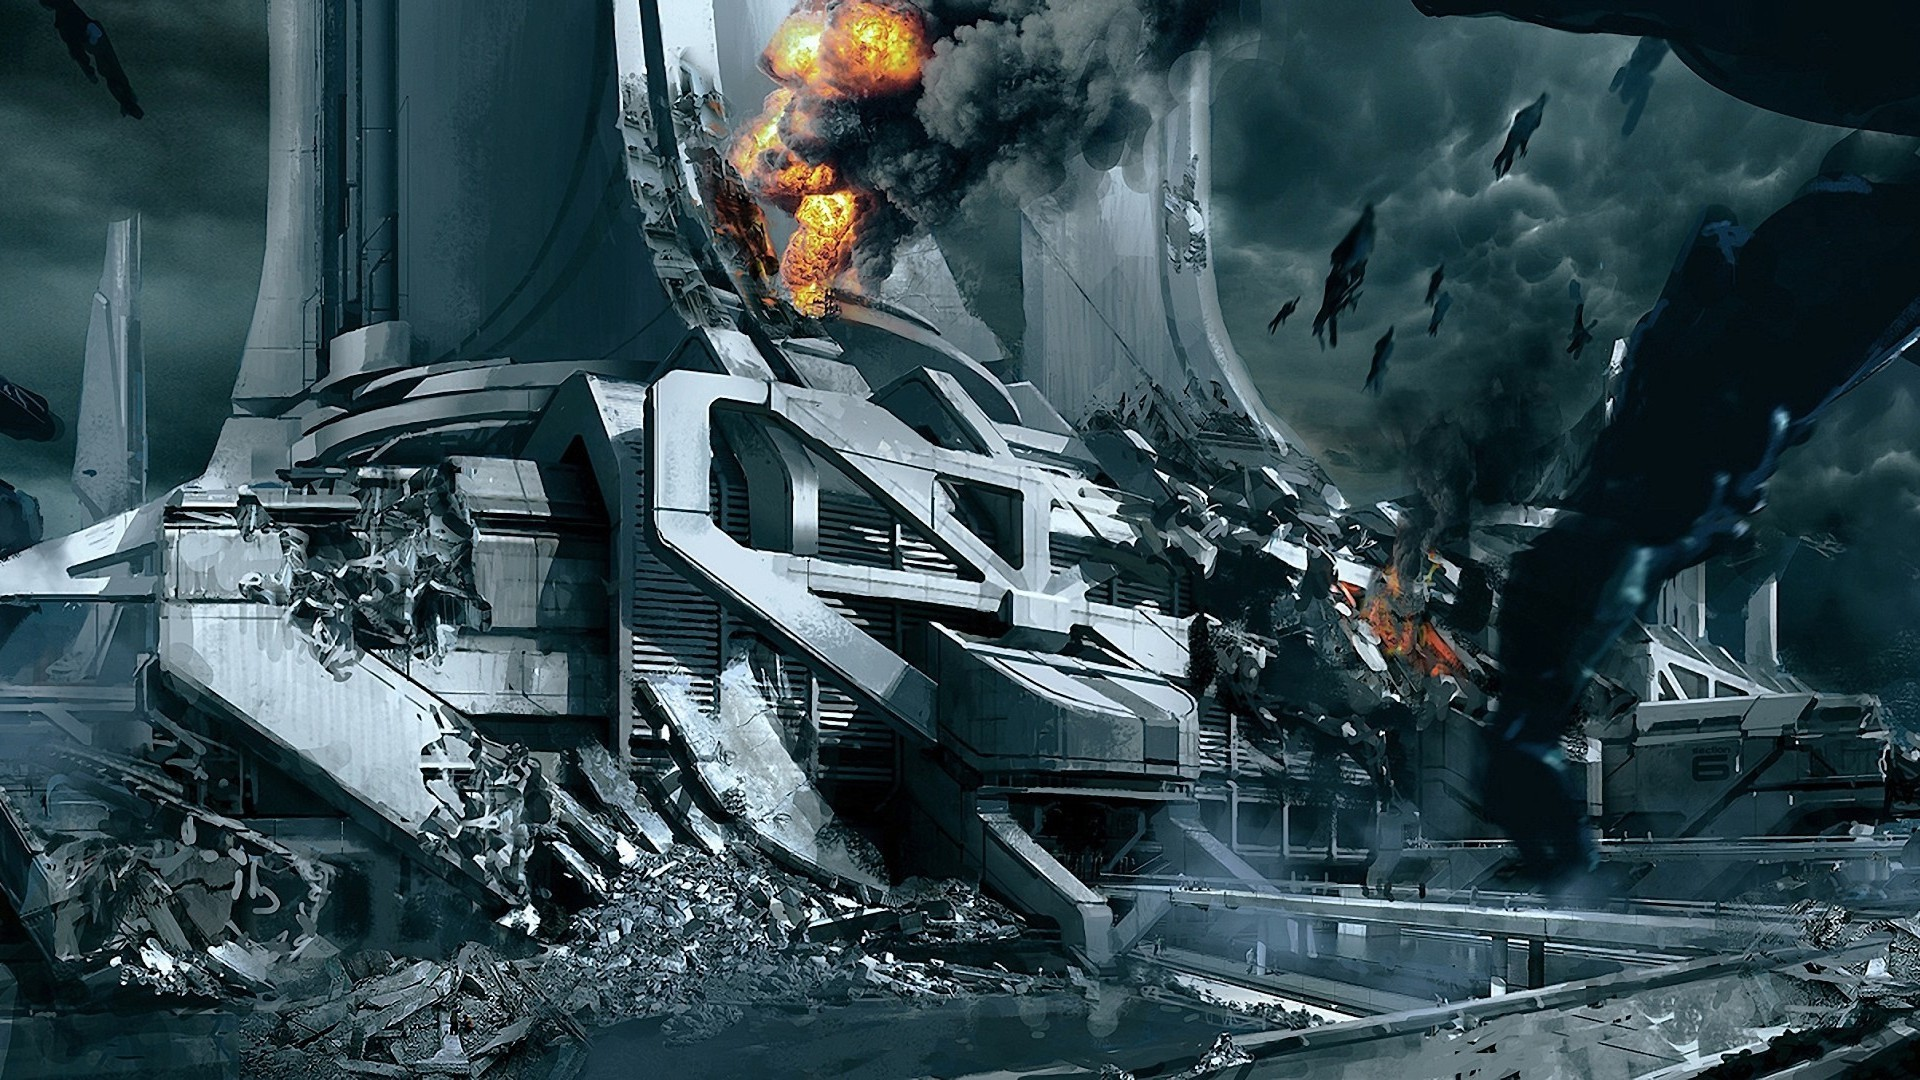 29385 télécharger le fond d'écran Jeux, Mass Effect - économiseurs d'écran et images gratuitement